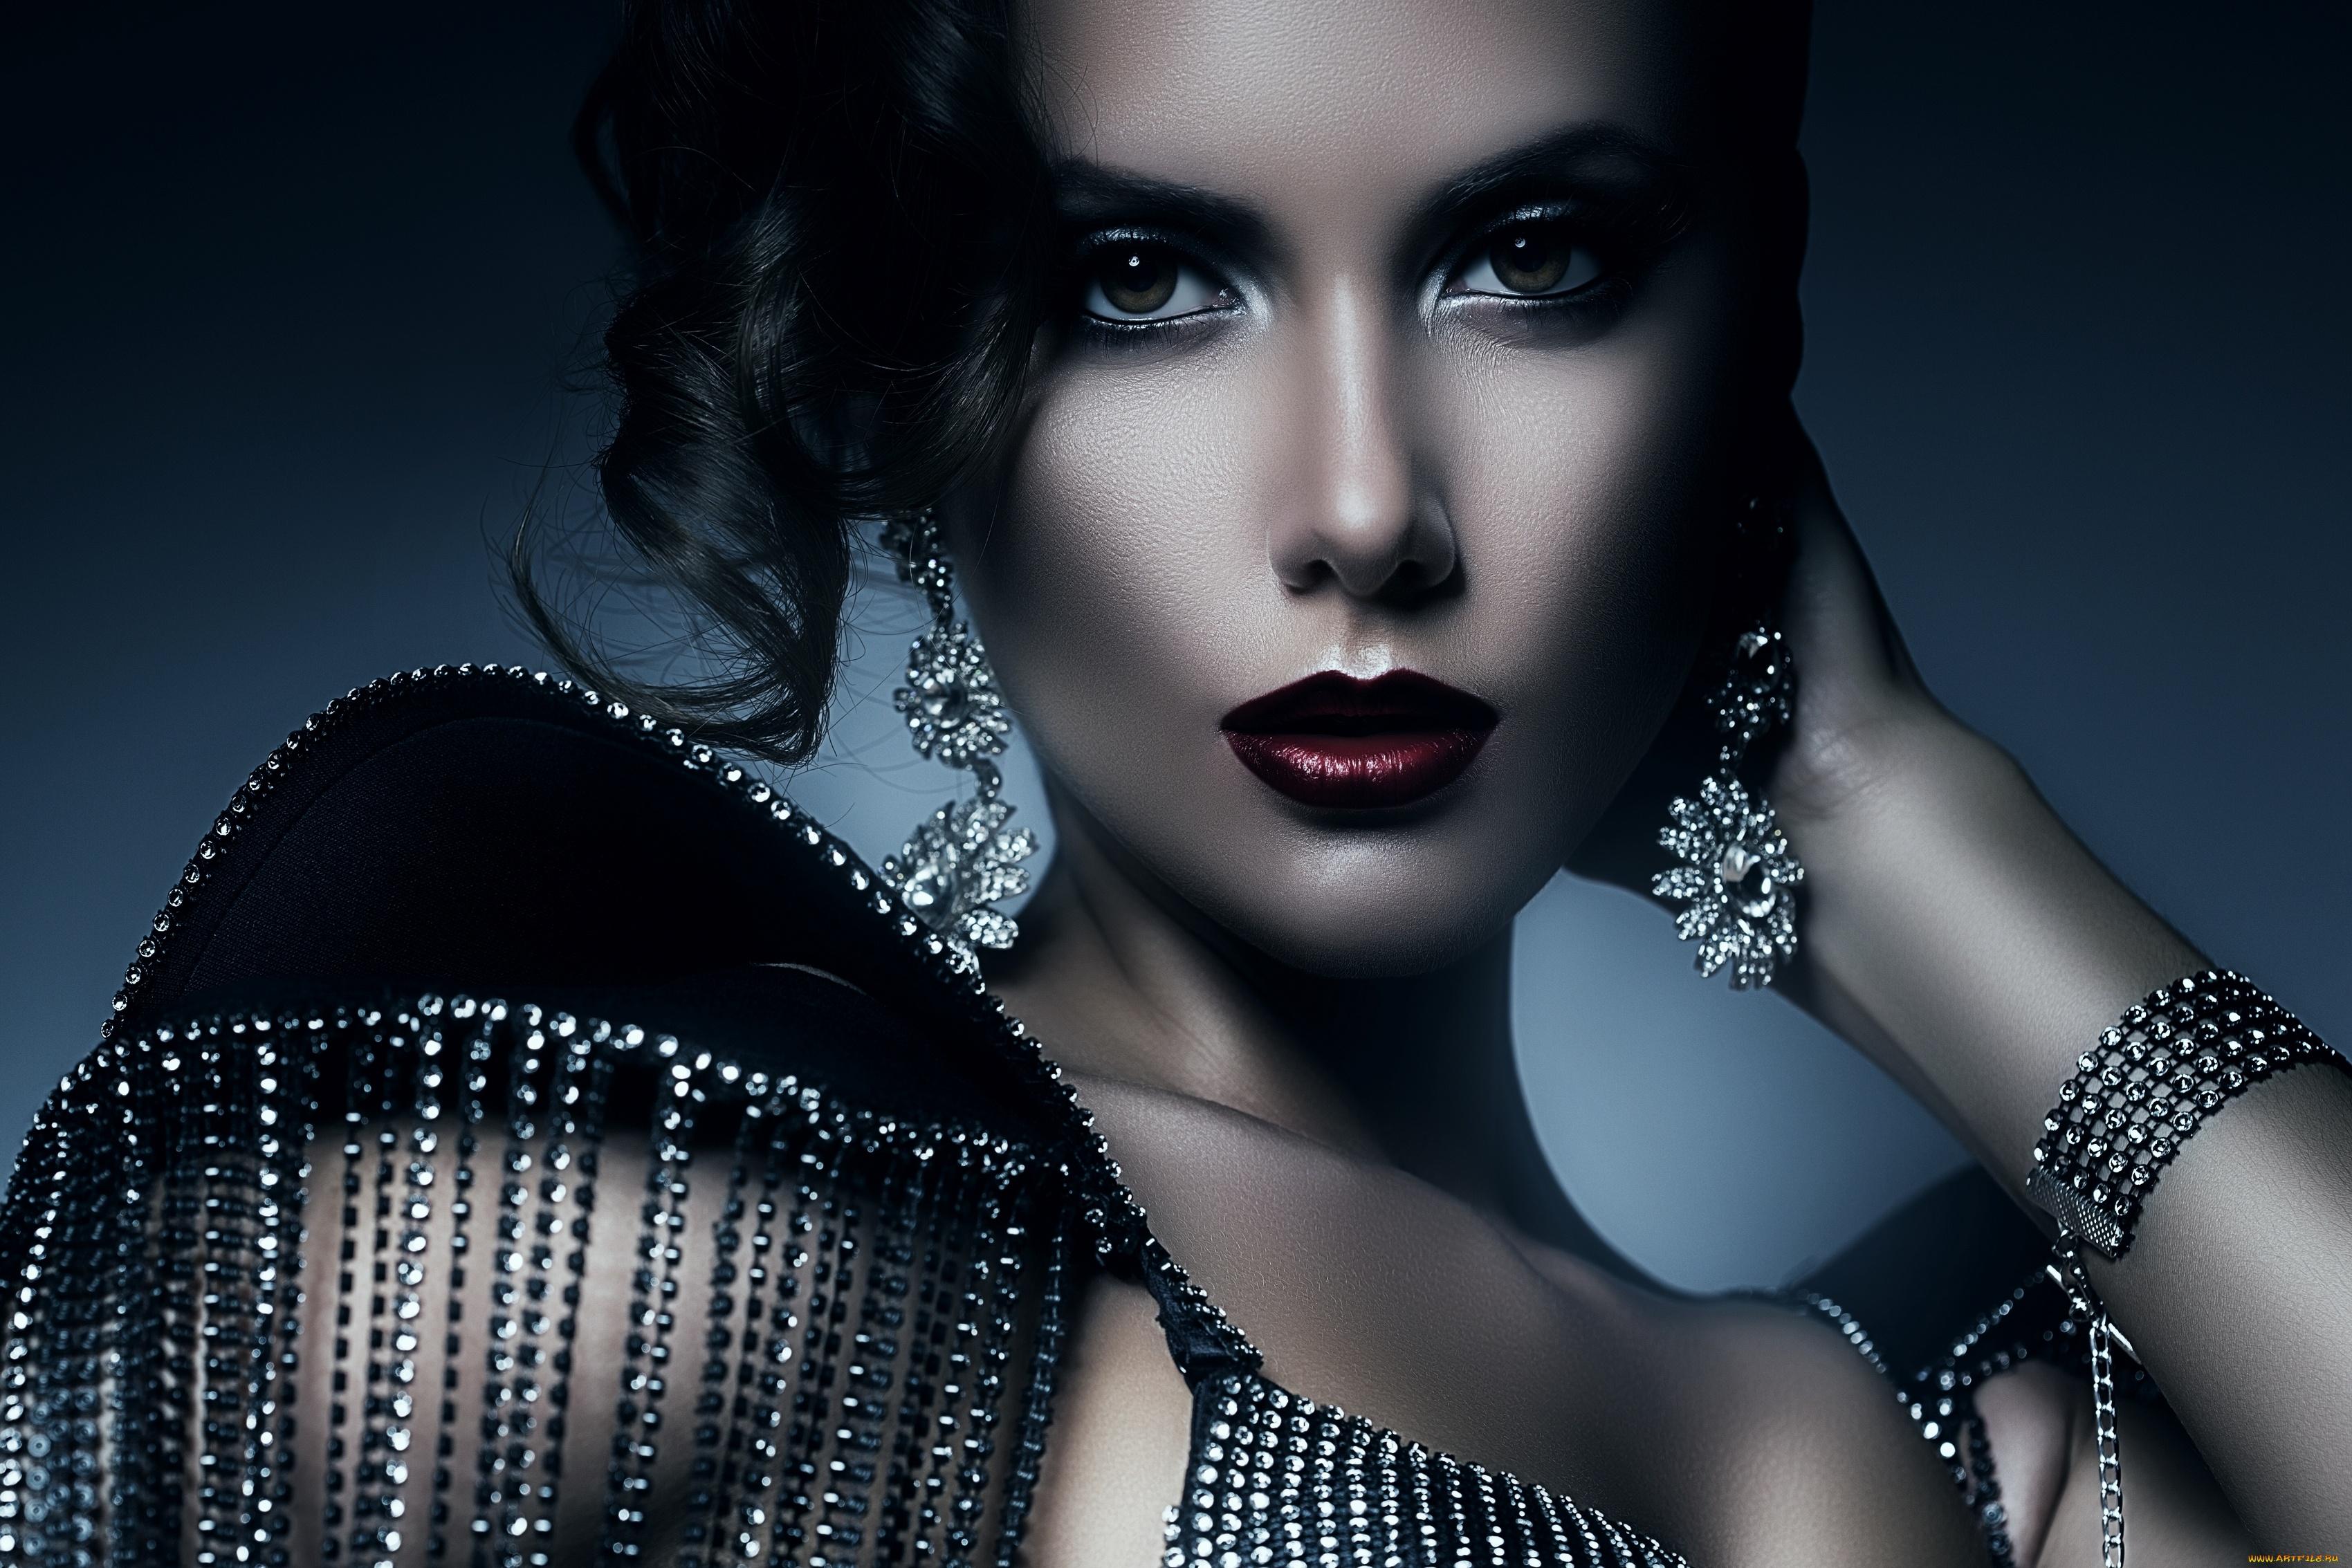 ювелирный изделие, ювелирный магазин, купить кольцо, кольцо обручальный, купить золото, золото цена, золото кольцо, мужской браслет, кольцо цена, цепочка купить, браслет женский